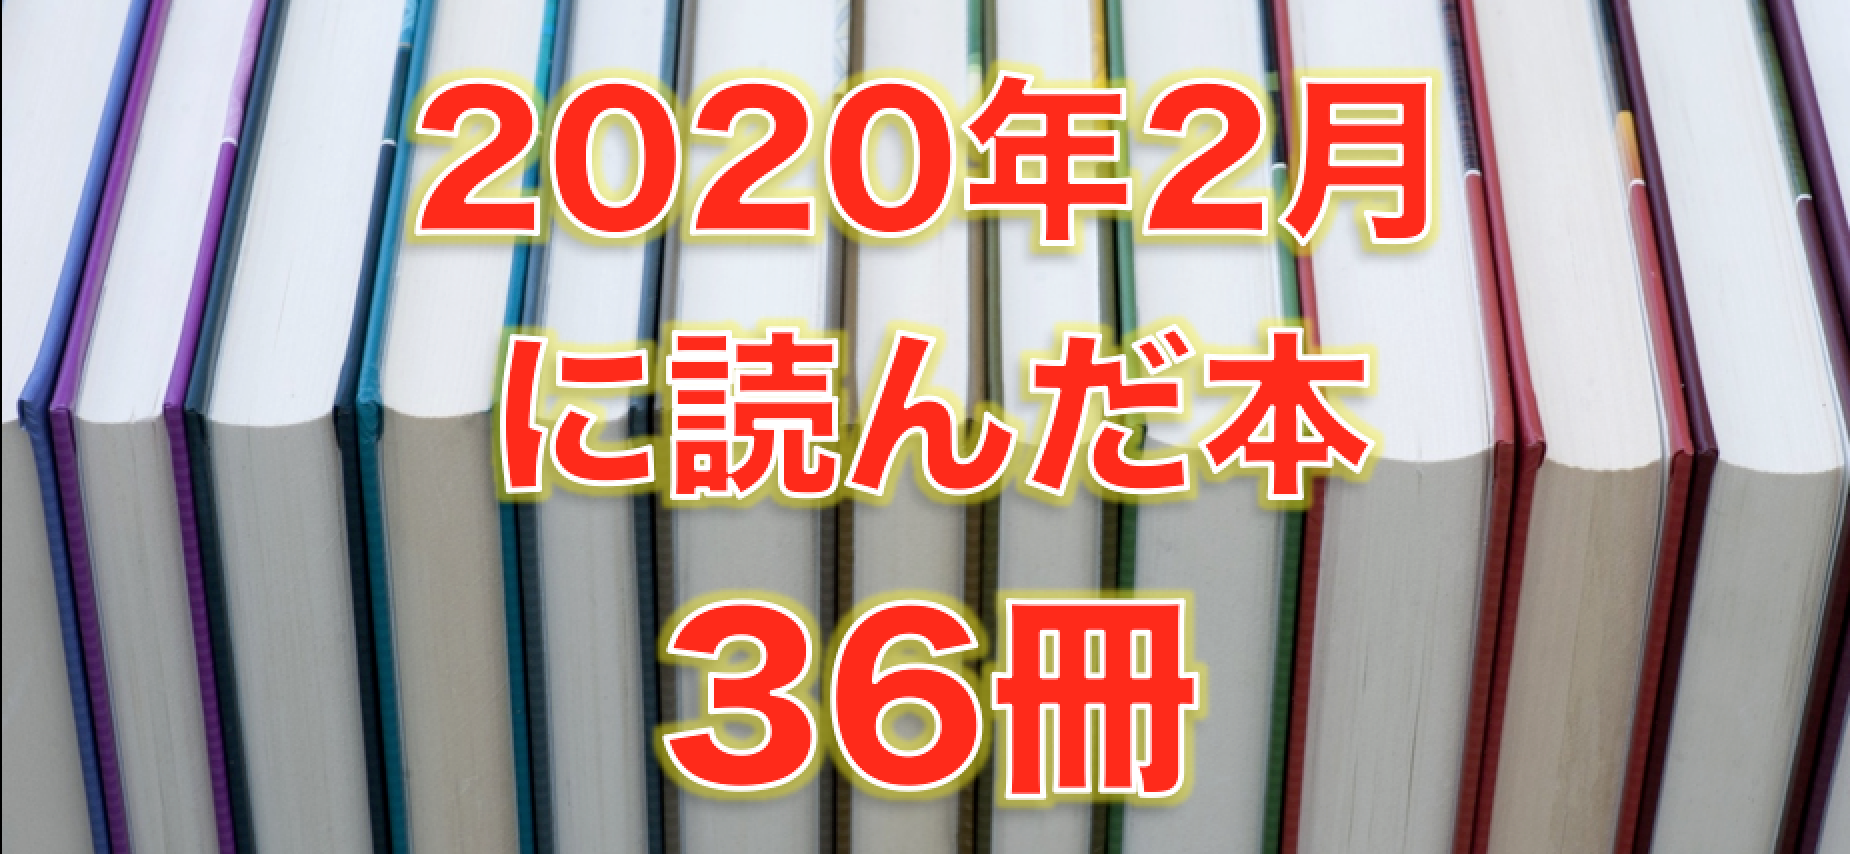 2020年2月に読んだ本36冊。